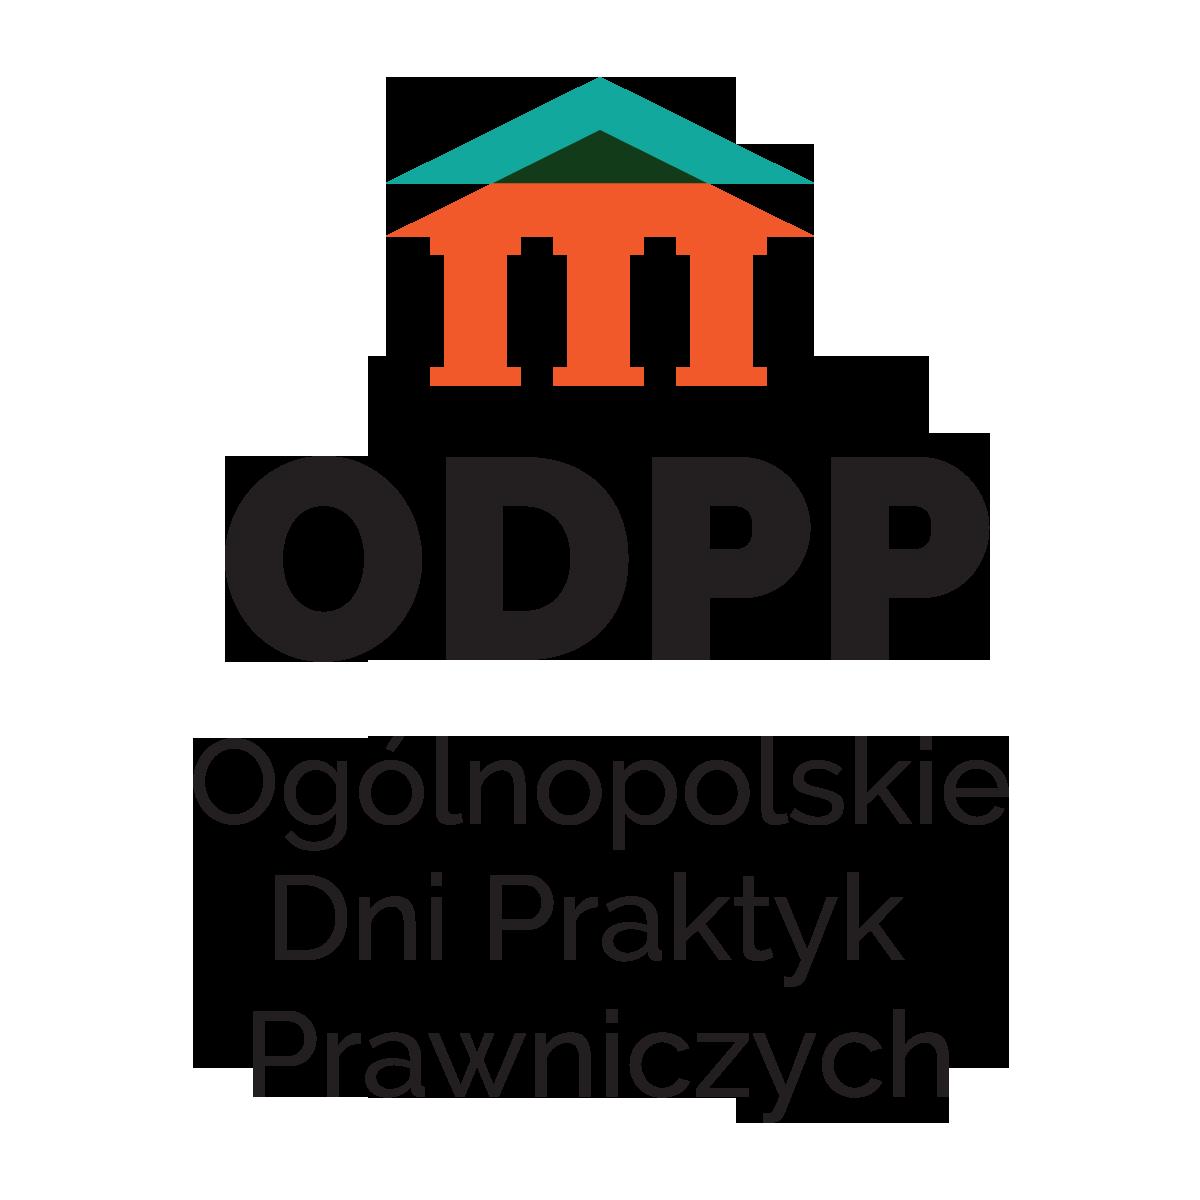 ODPP_2